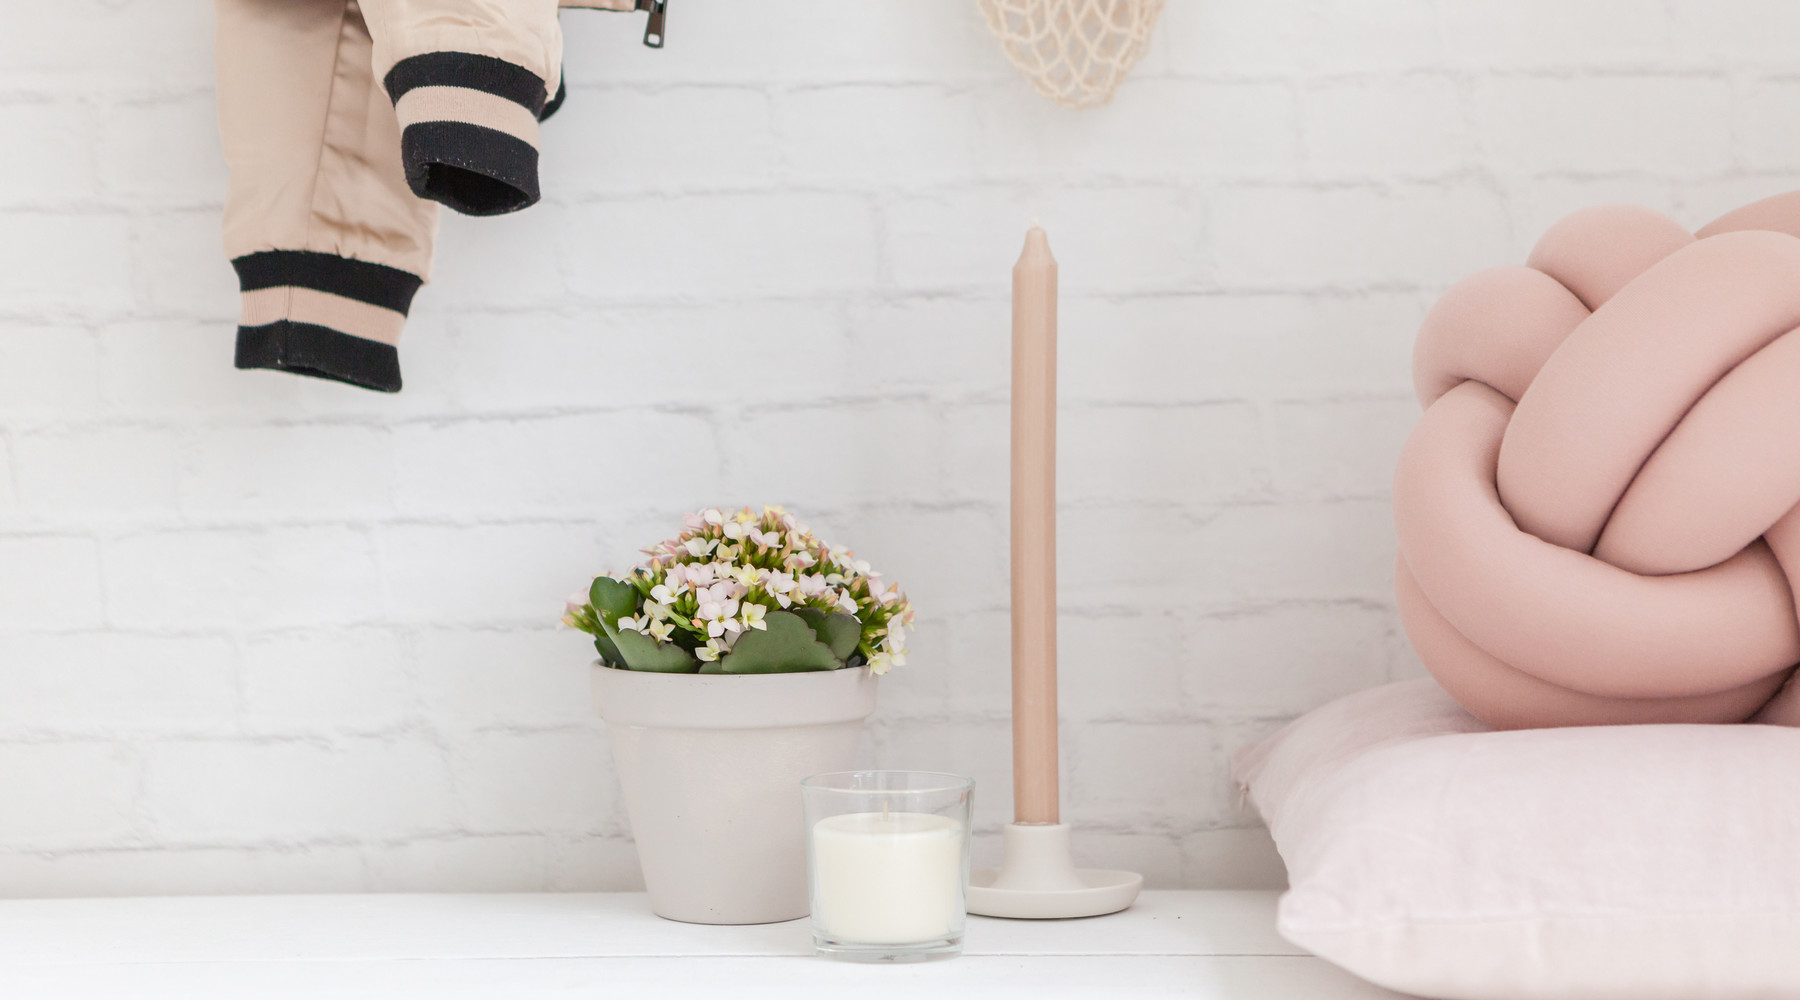 Geef je interieur een frisse voorjaarslook met verse bloemen en planten